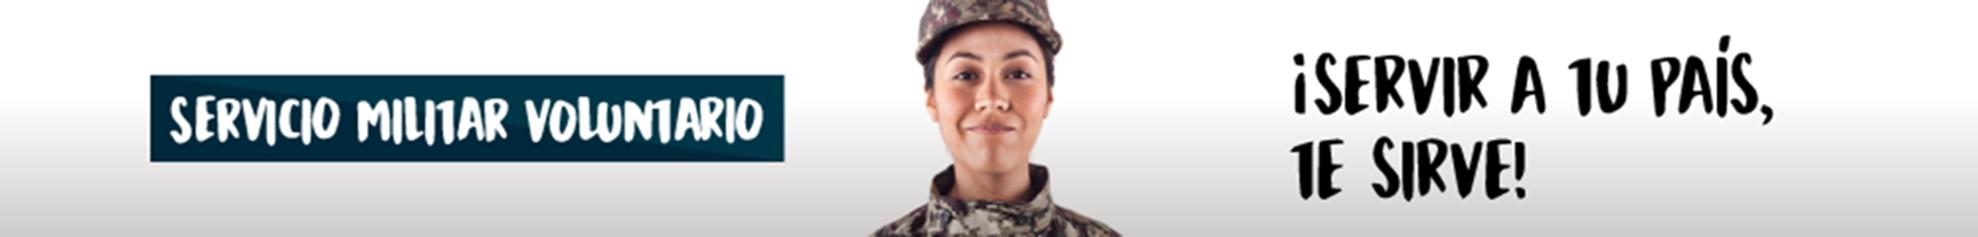 servicio-militar-voluntario